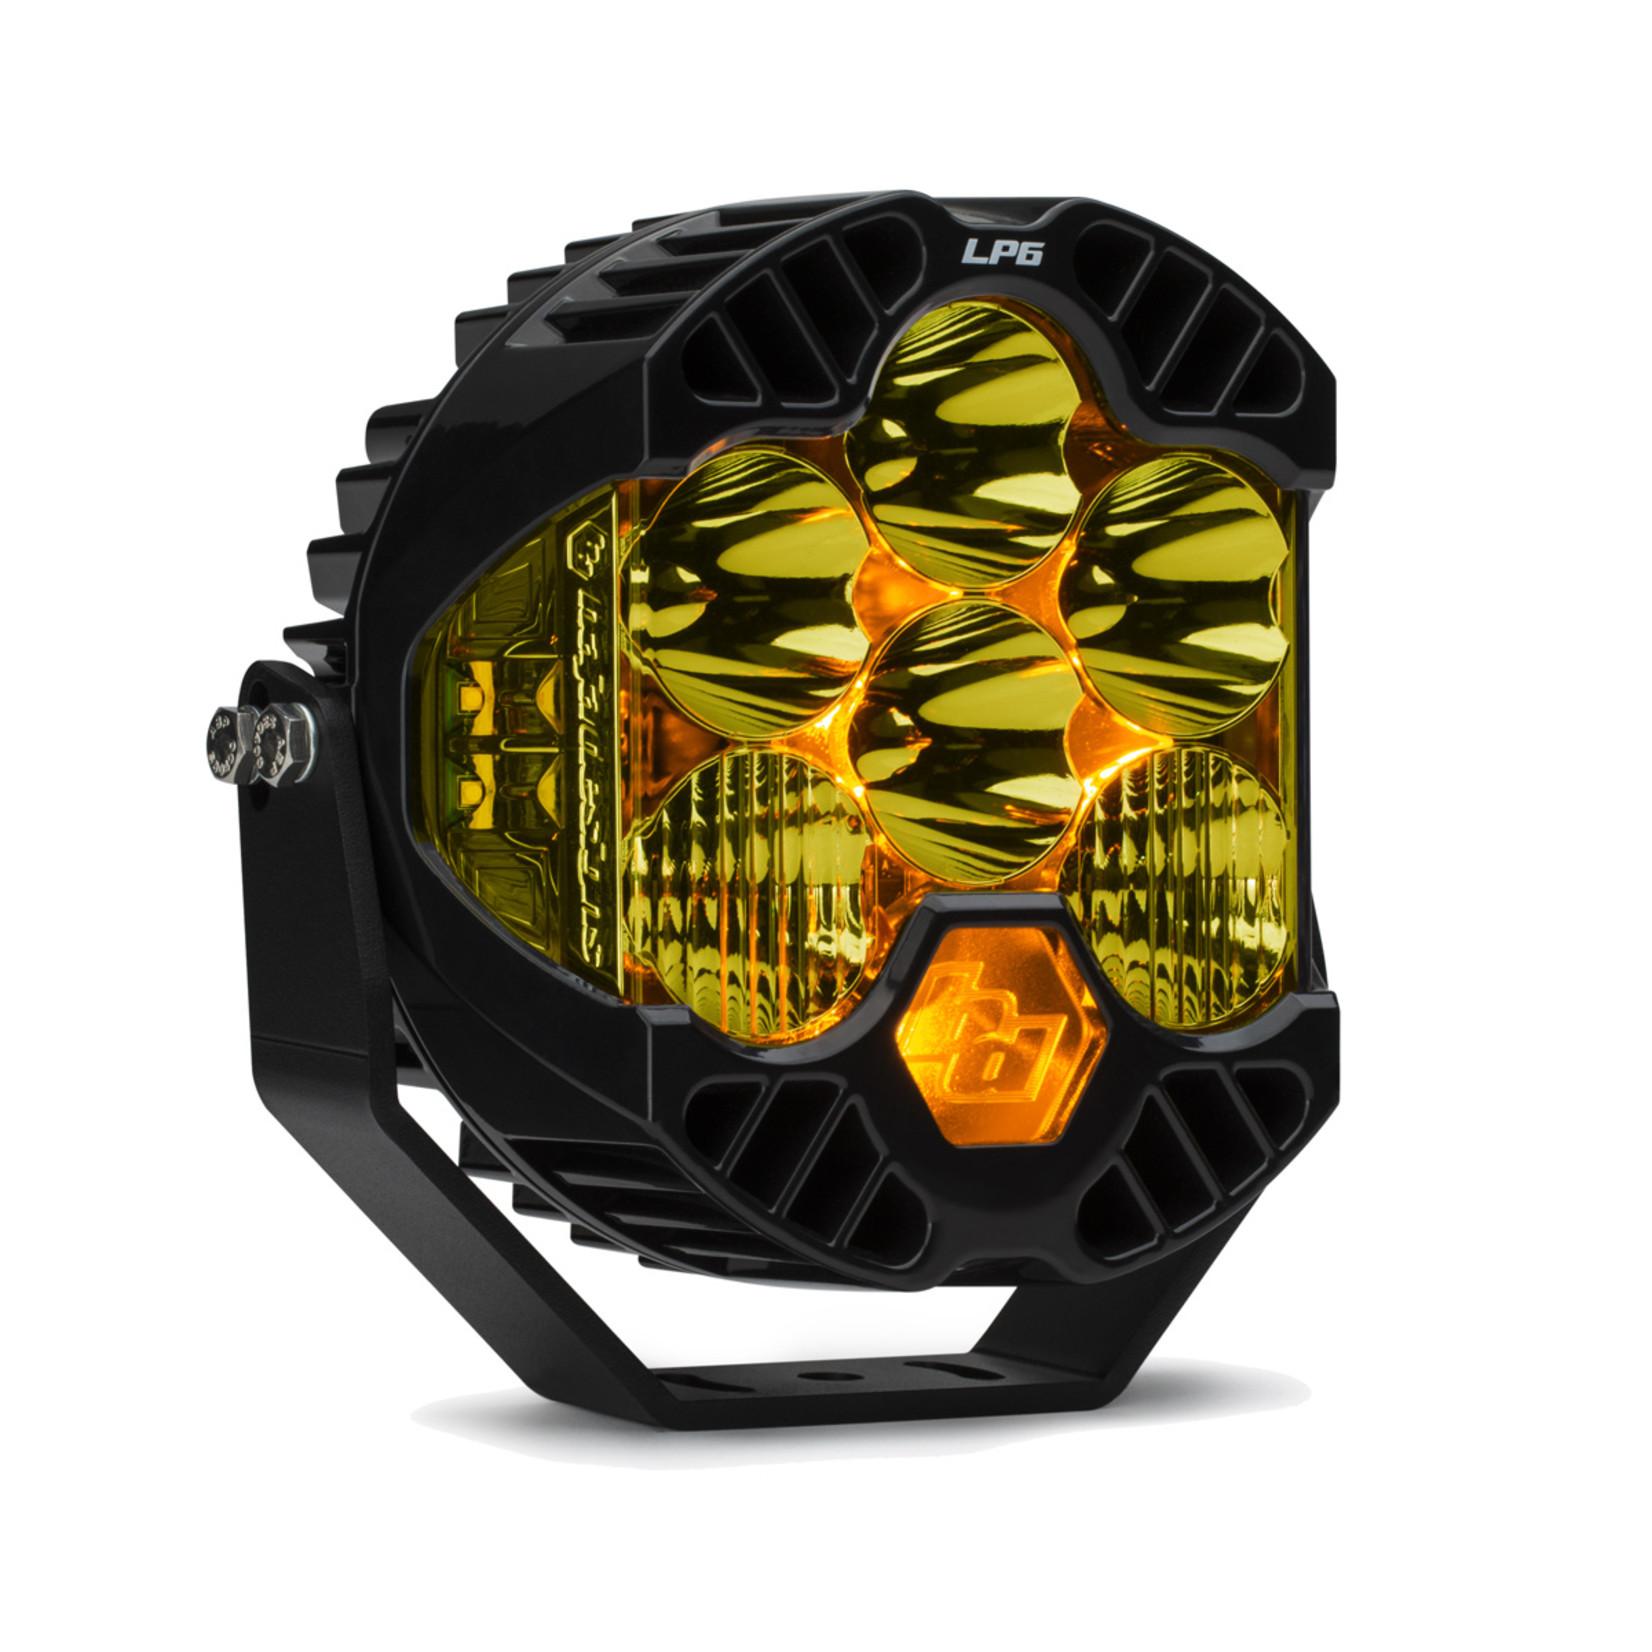 Baja Design Baja Design LP6 Pro LED Lights